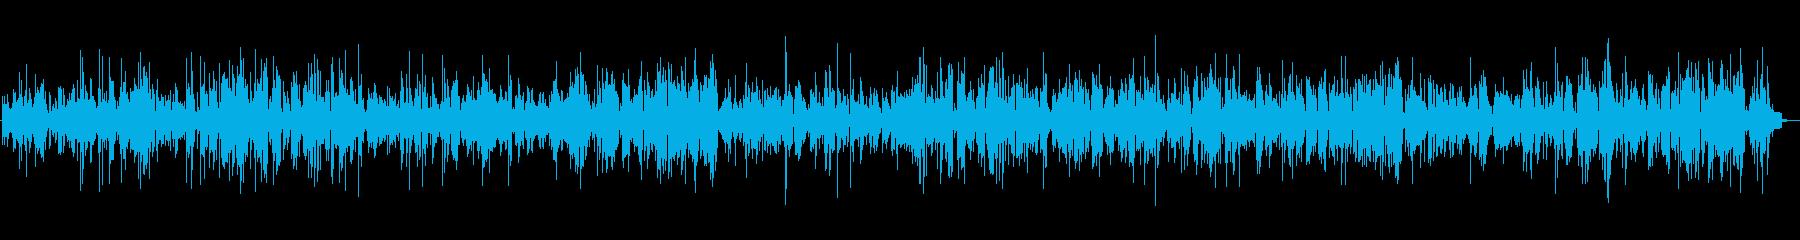 JAZZ★映像・店舗向けBGM /ムードの再生済みの波形